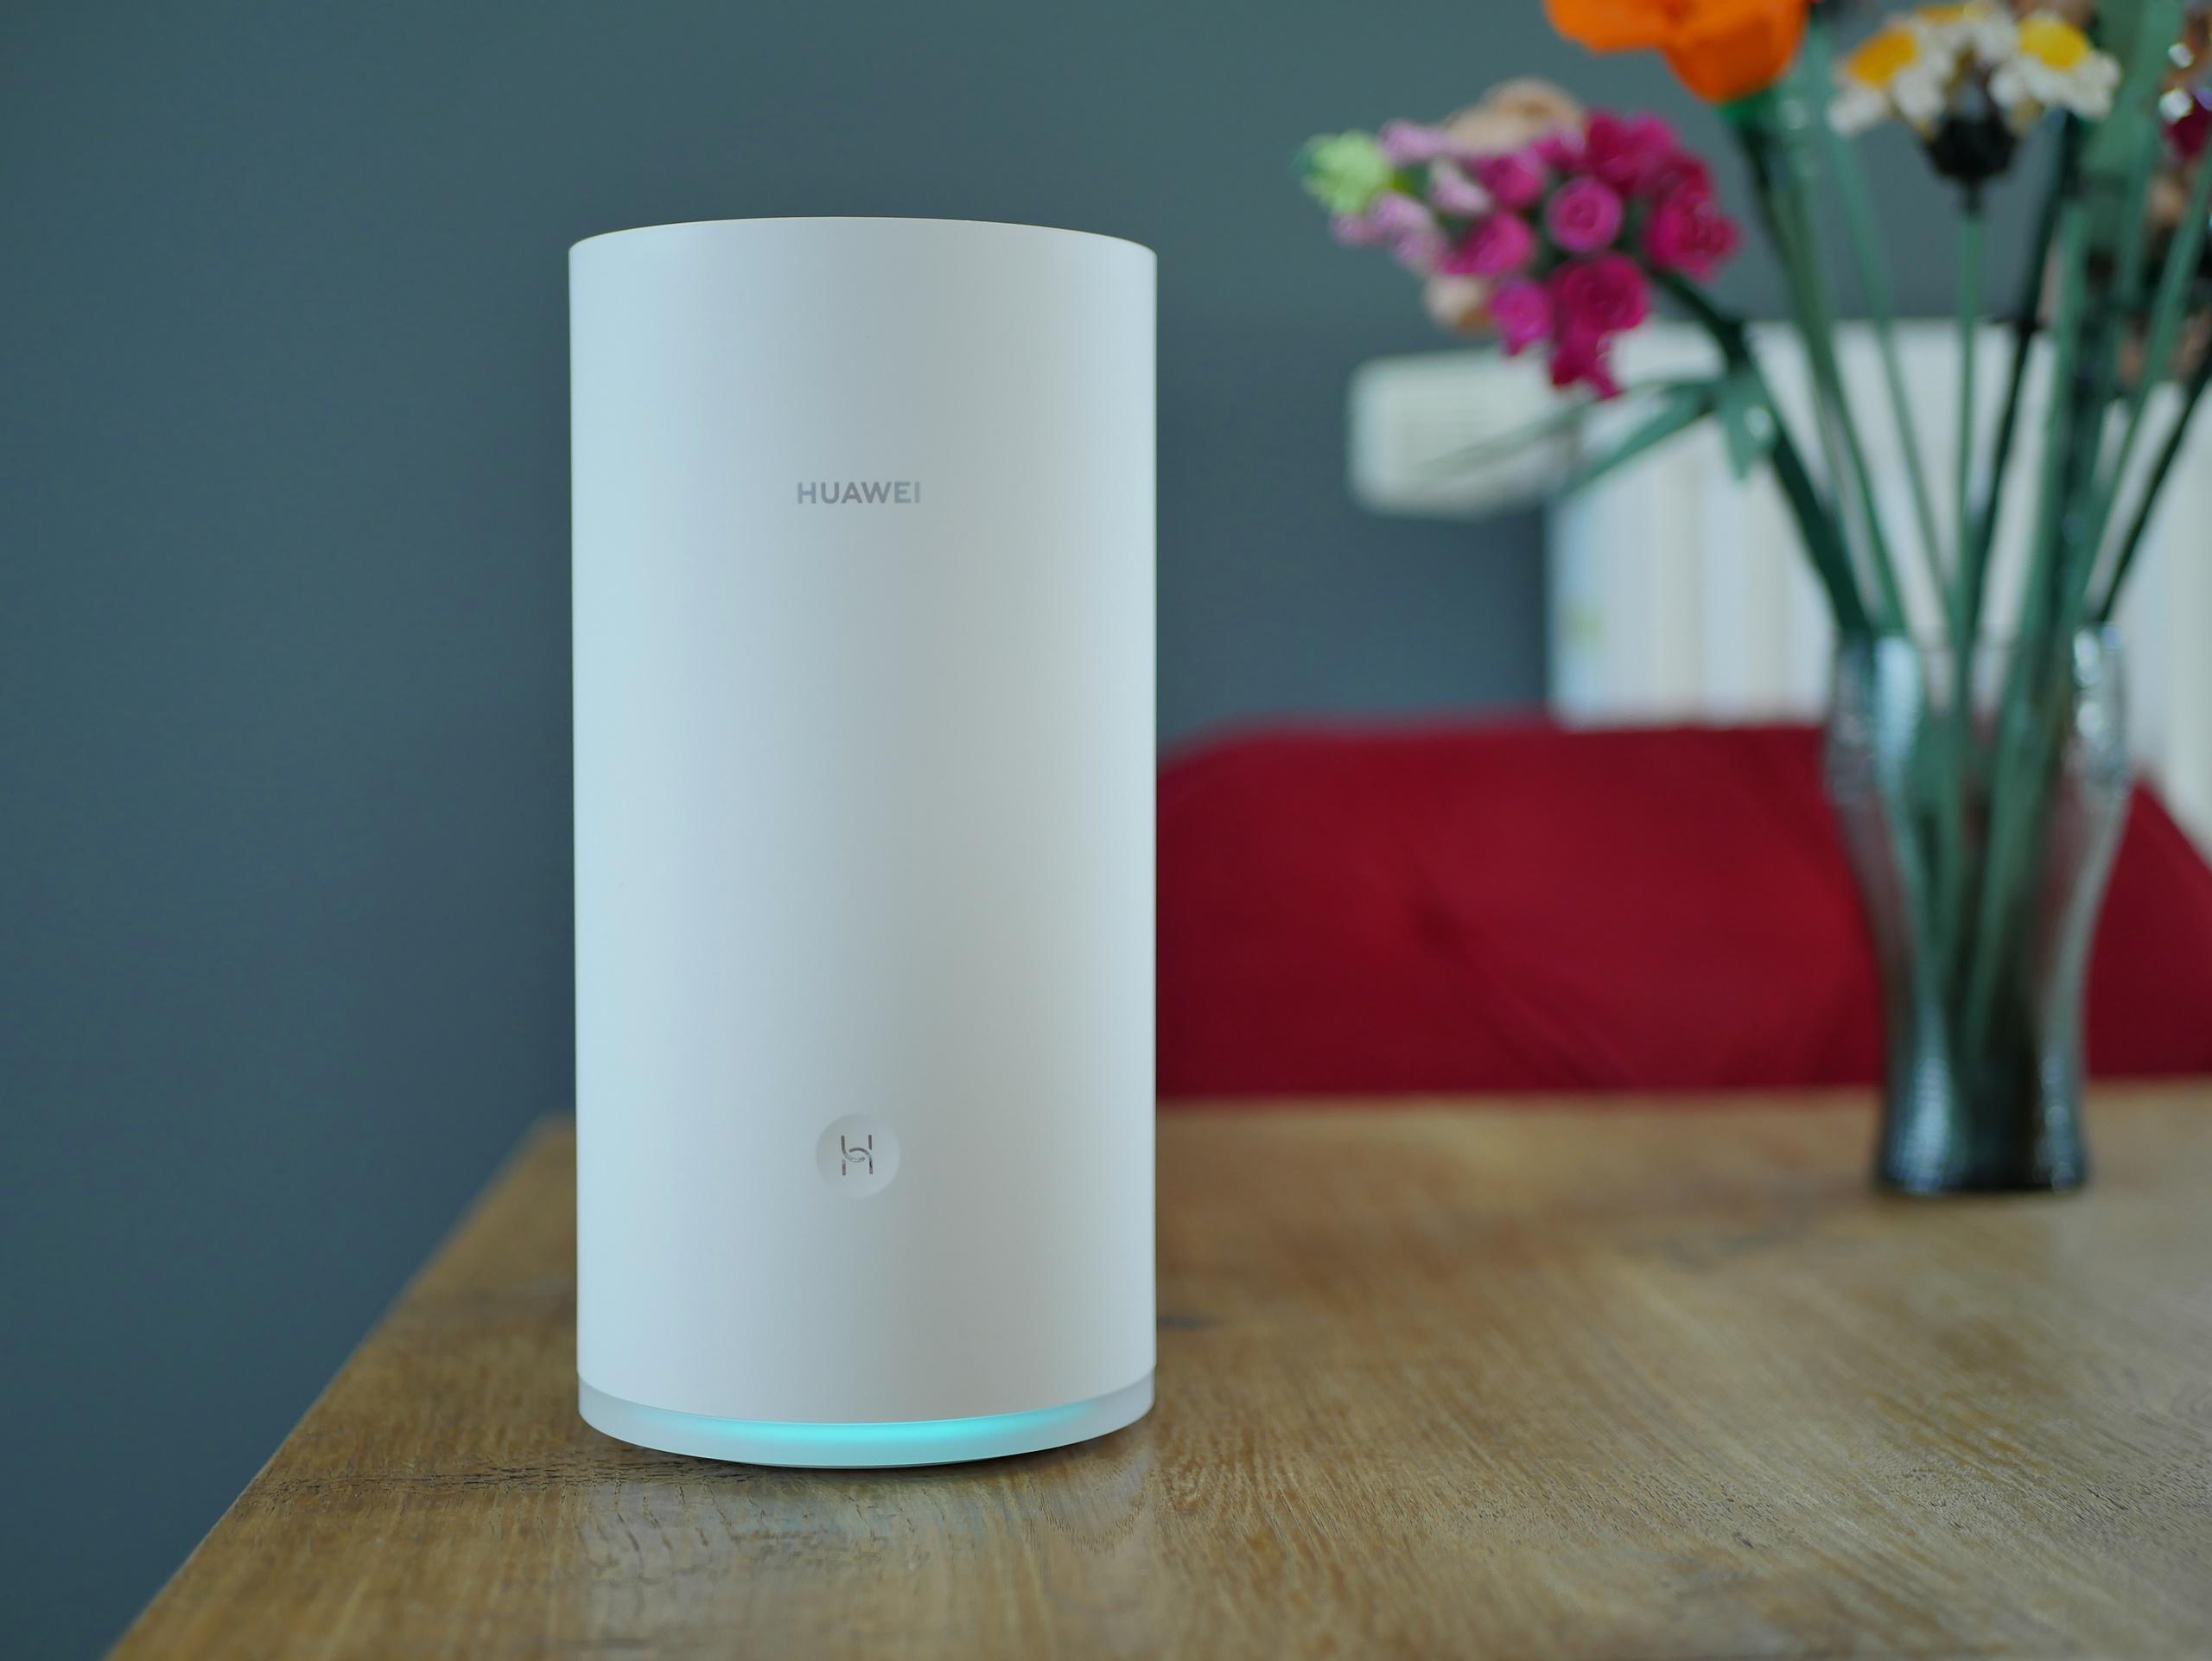 Huawei WiFi Mesh